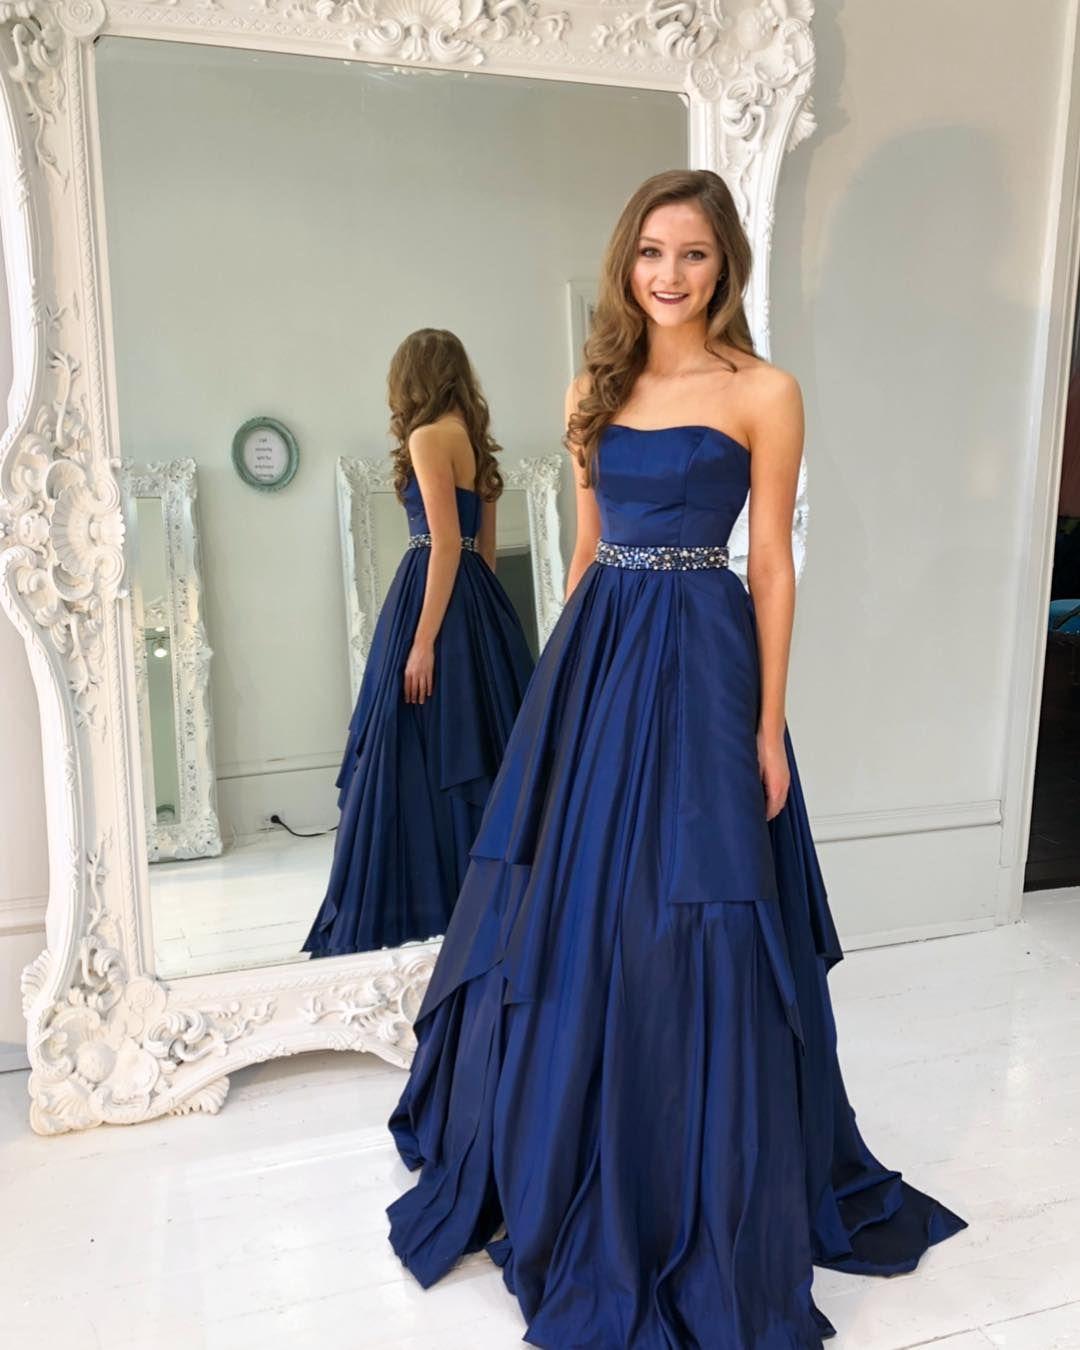 Großhandel Marine Blau Abschlussball Kleider Lange Billig Eine Linie  Trägerloses Bördelndes Gurt Abendkleider Taft Cocktailparty Kleid Formales  Kleid